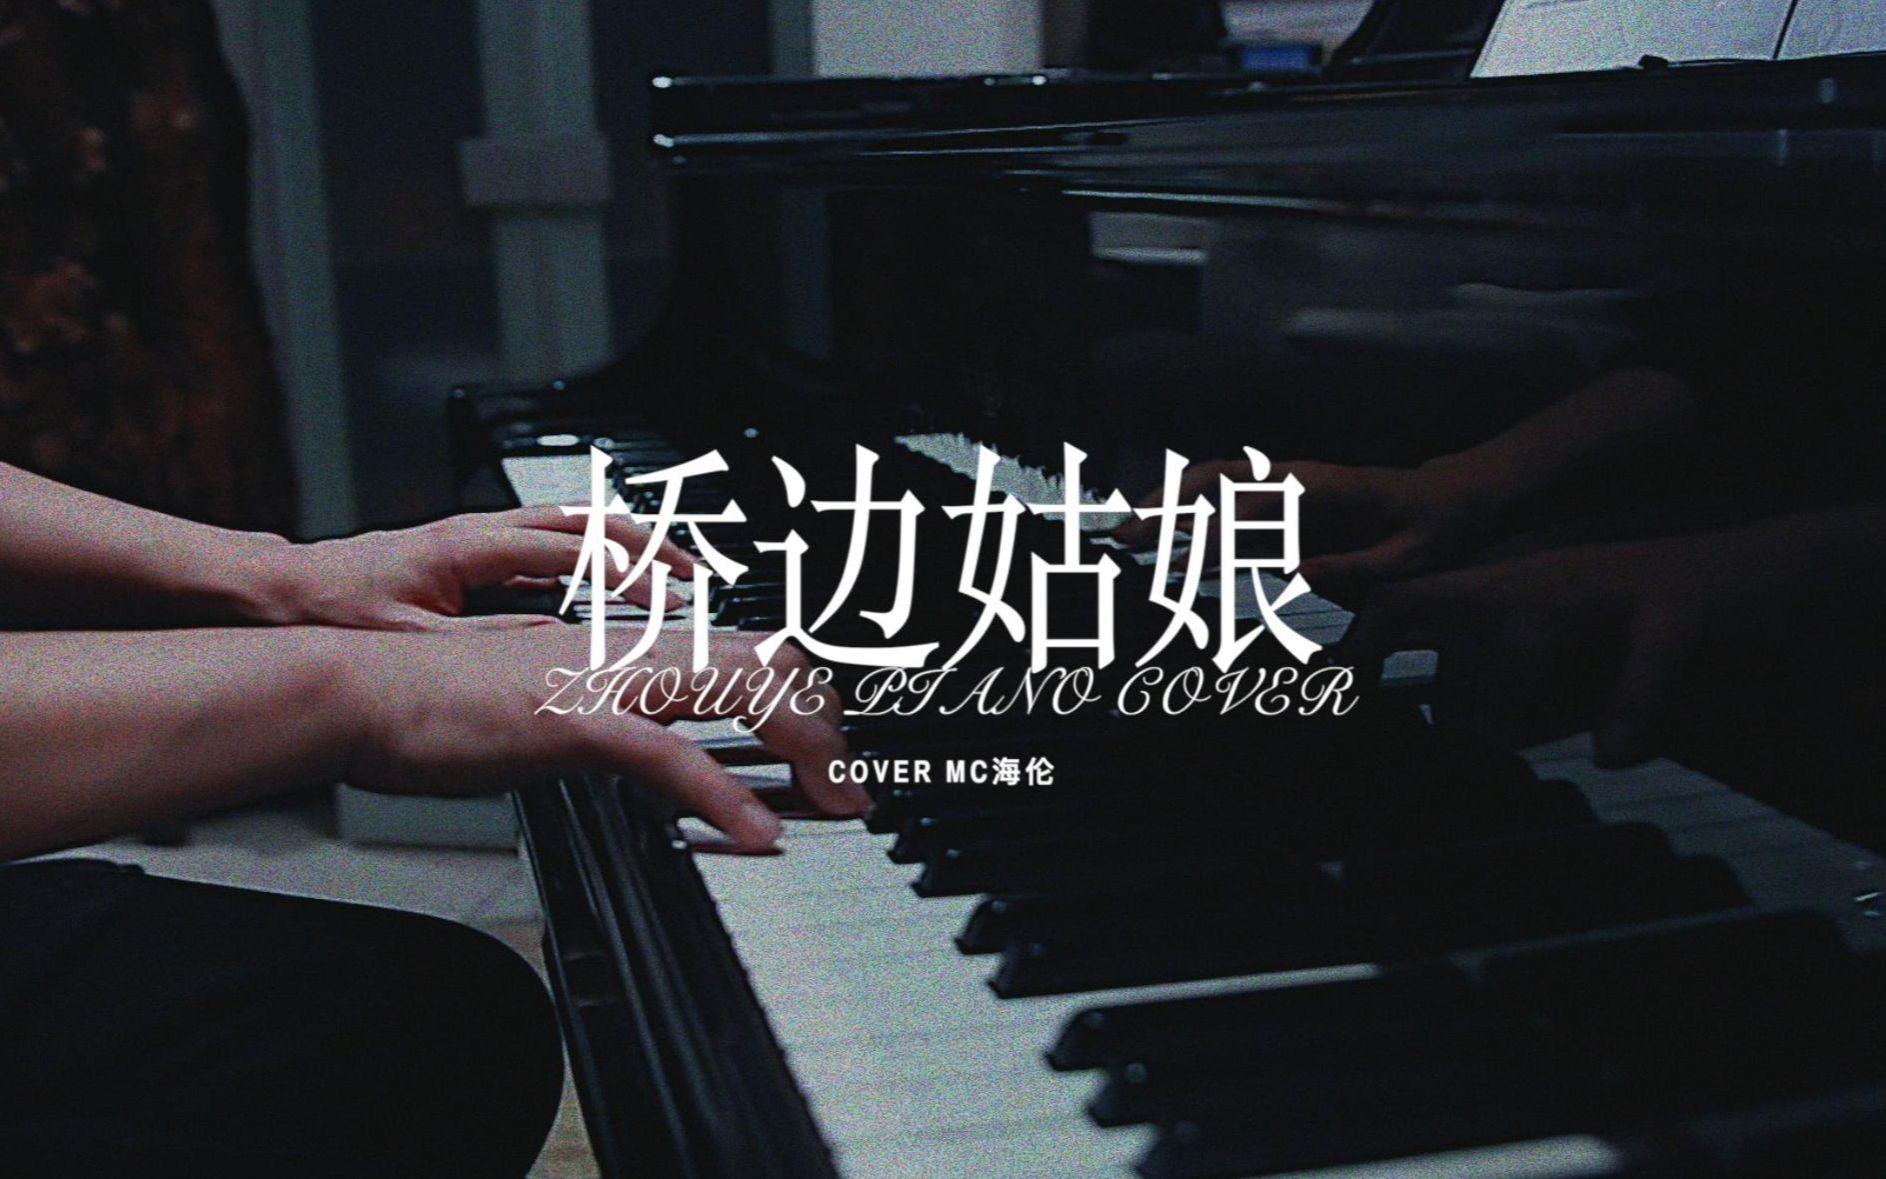 【昼夜钢琴】桥边姑娘_哔哩哔哩 (...